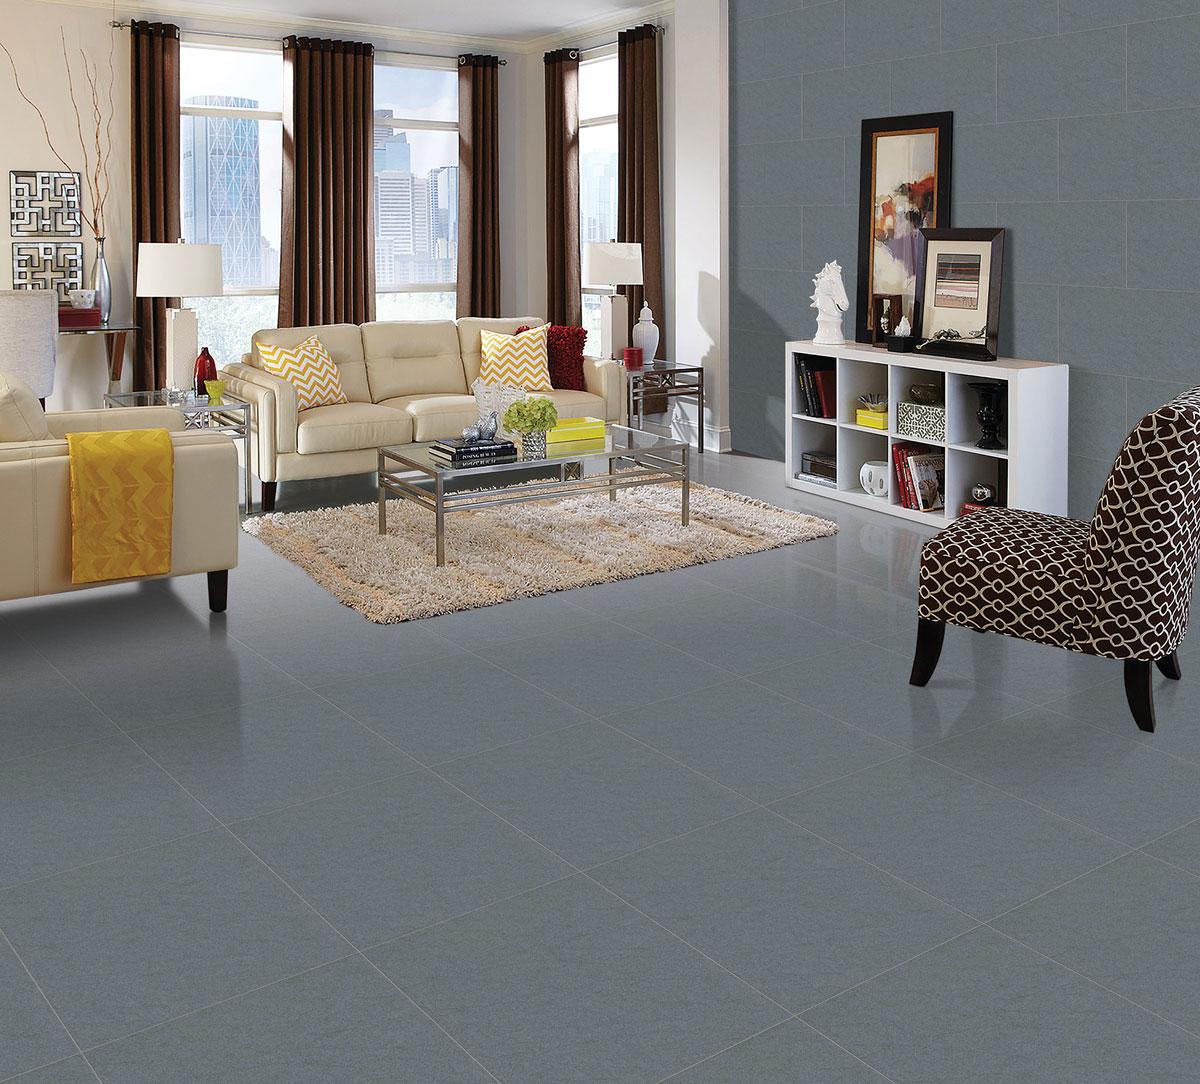 Gạch lát nền viglacera ECO-M602 tôn nên vẻ đẹp sang trọng cho phòng khách